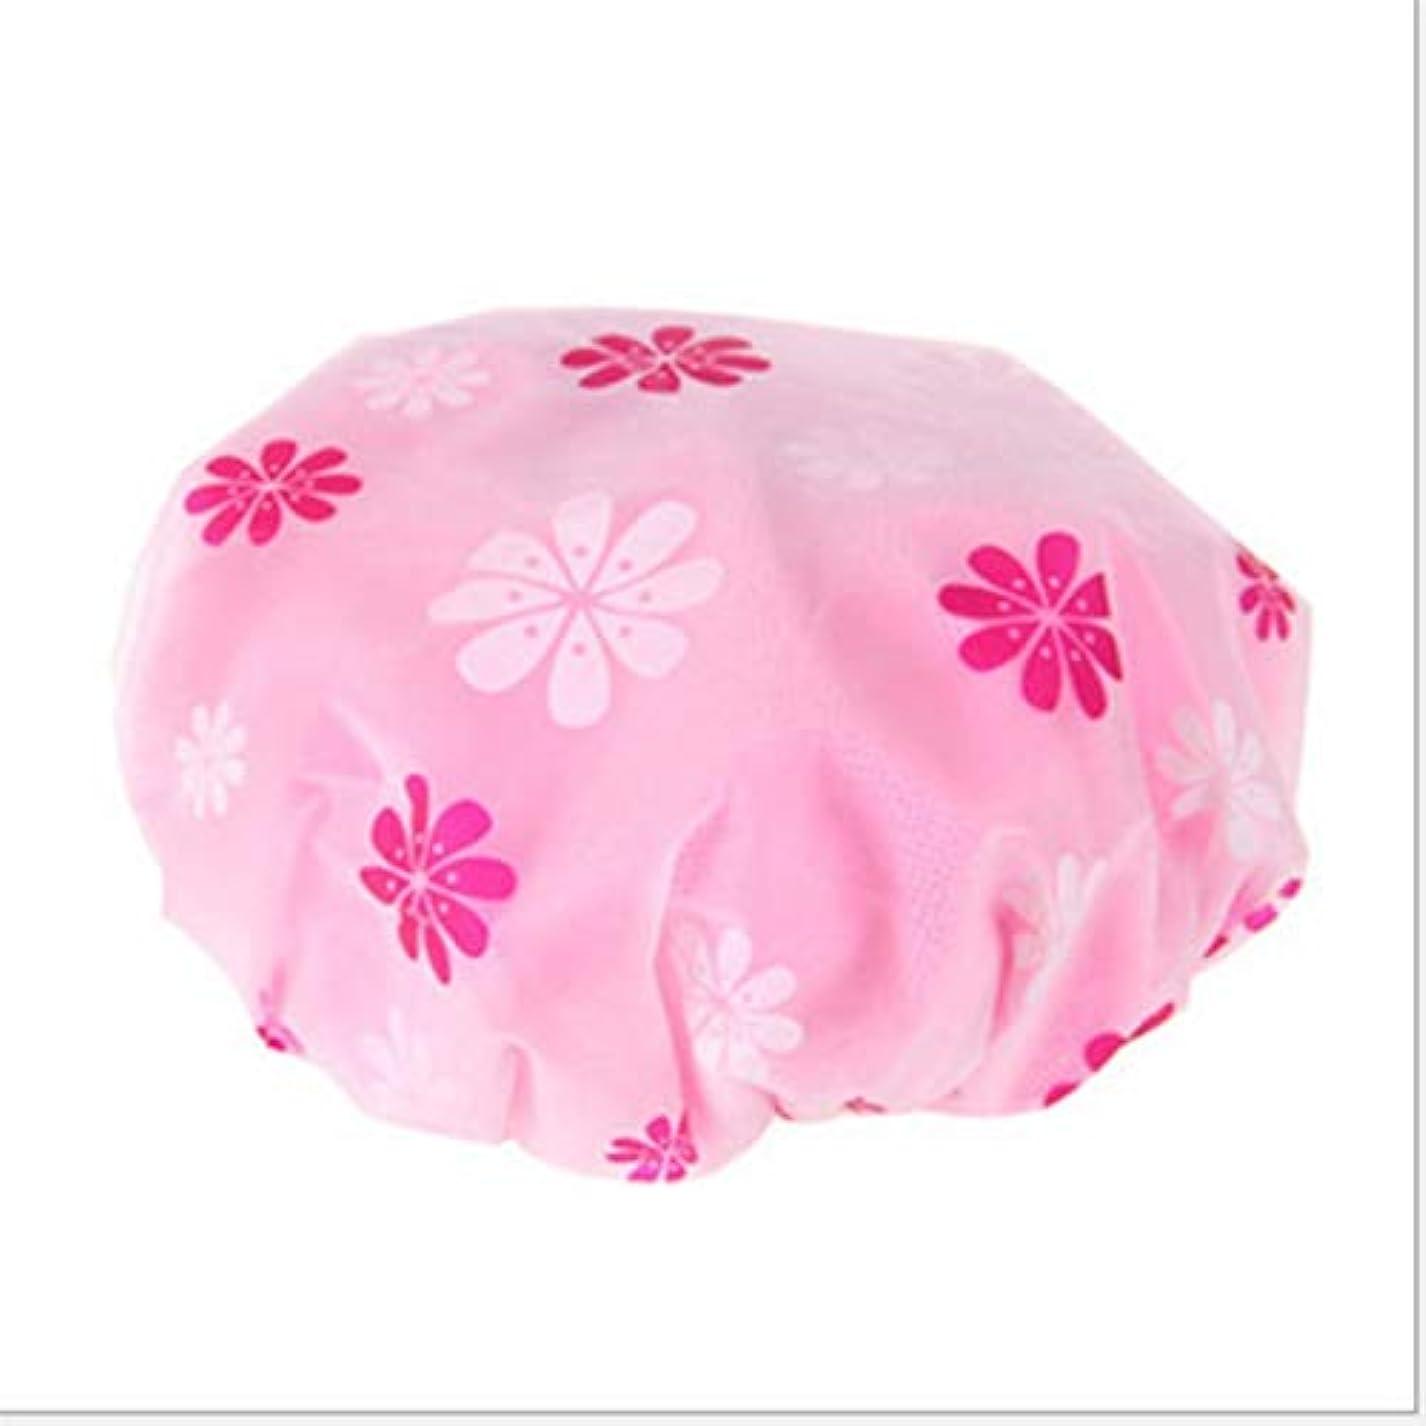 擬人拮抗報酬のMARUIKAO シャワーキャップ 入浴キャップ ヘアキャップ ヘアーターバン 帽子 お風呂 シャワー用に 5色